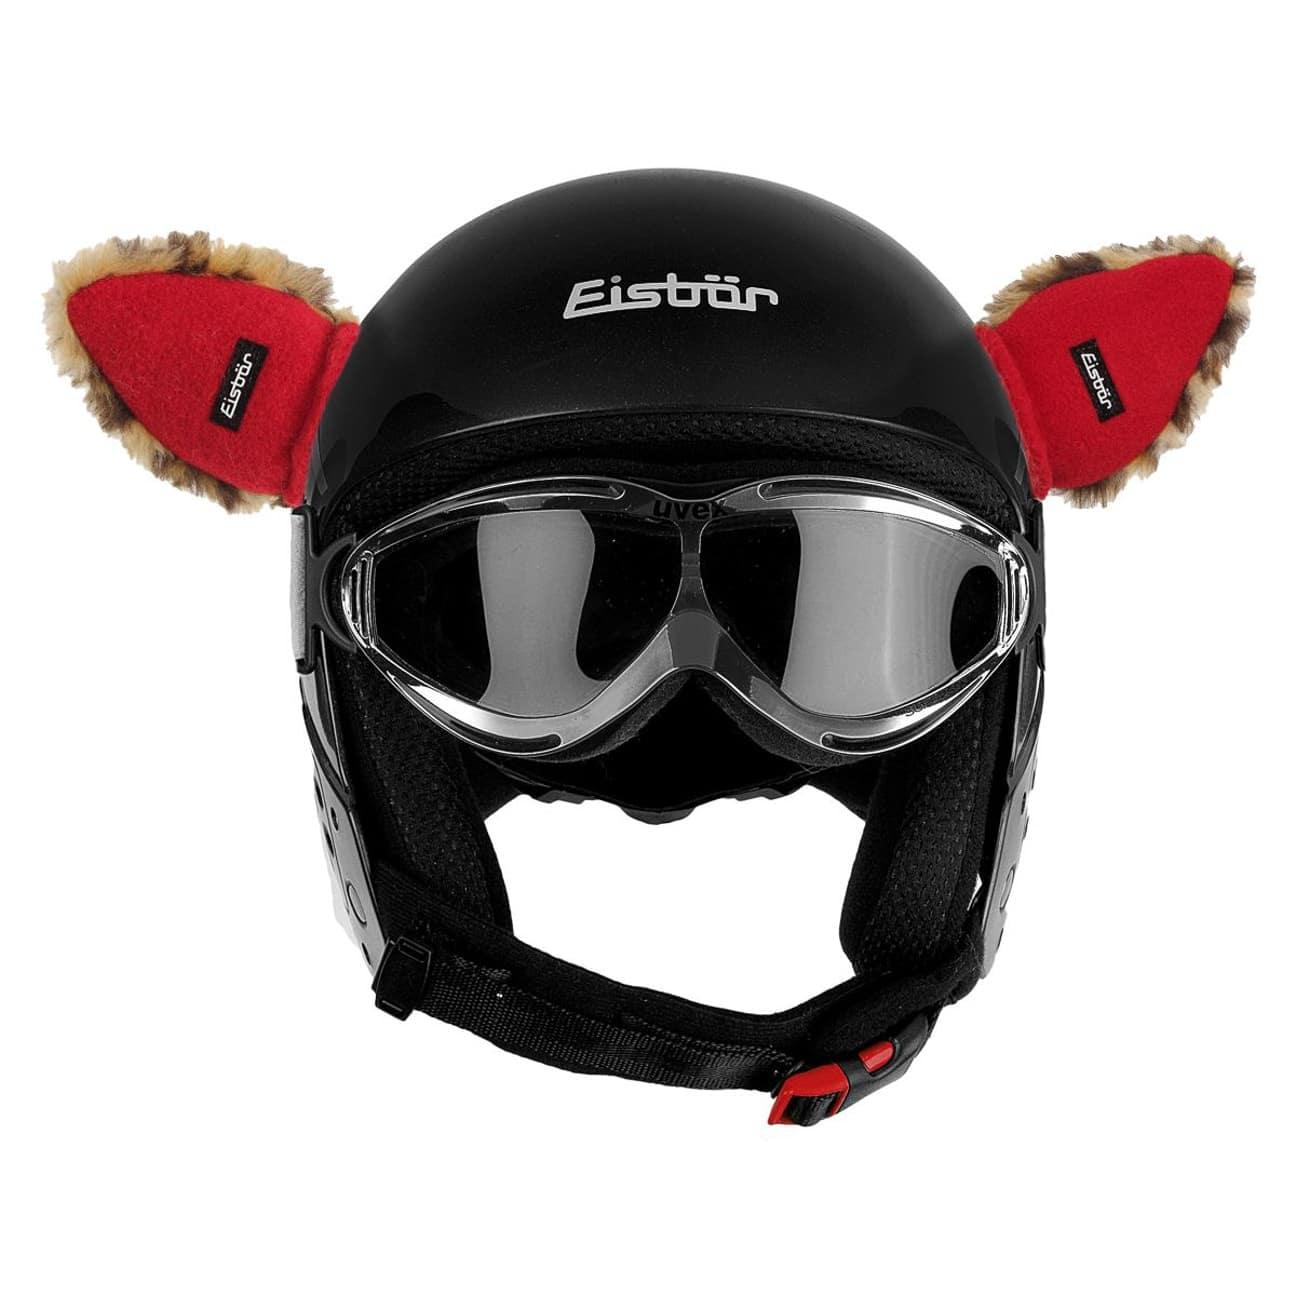 Oreilles pour Casque de Ski by Eisbär  casque de skieur